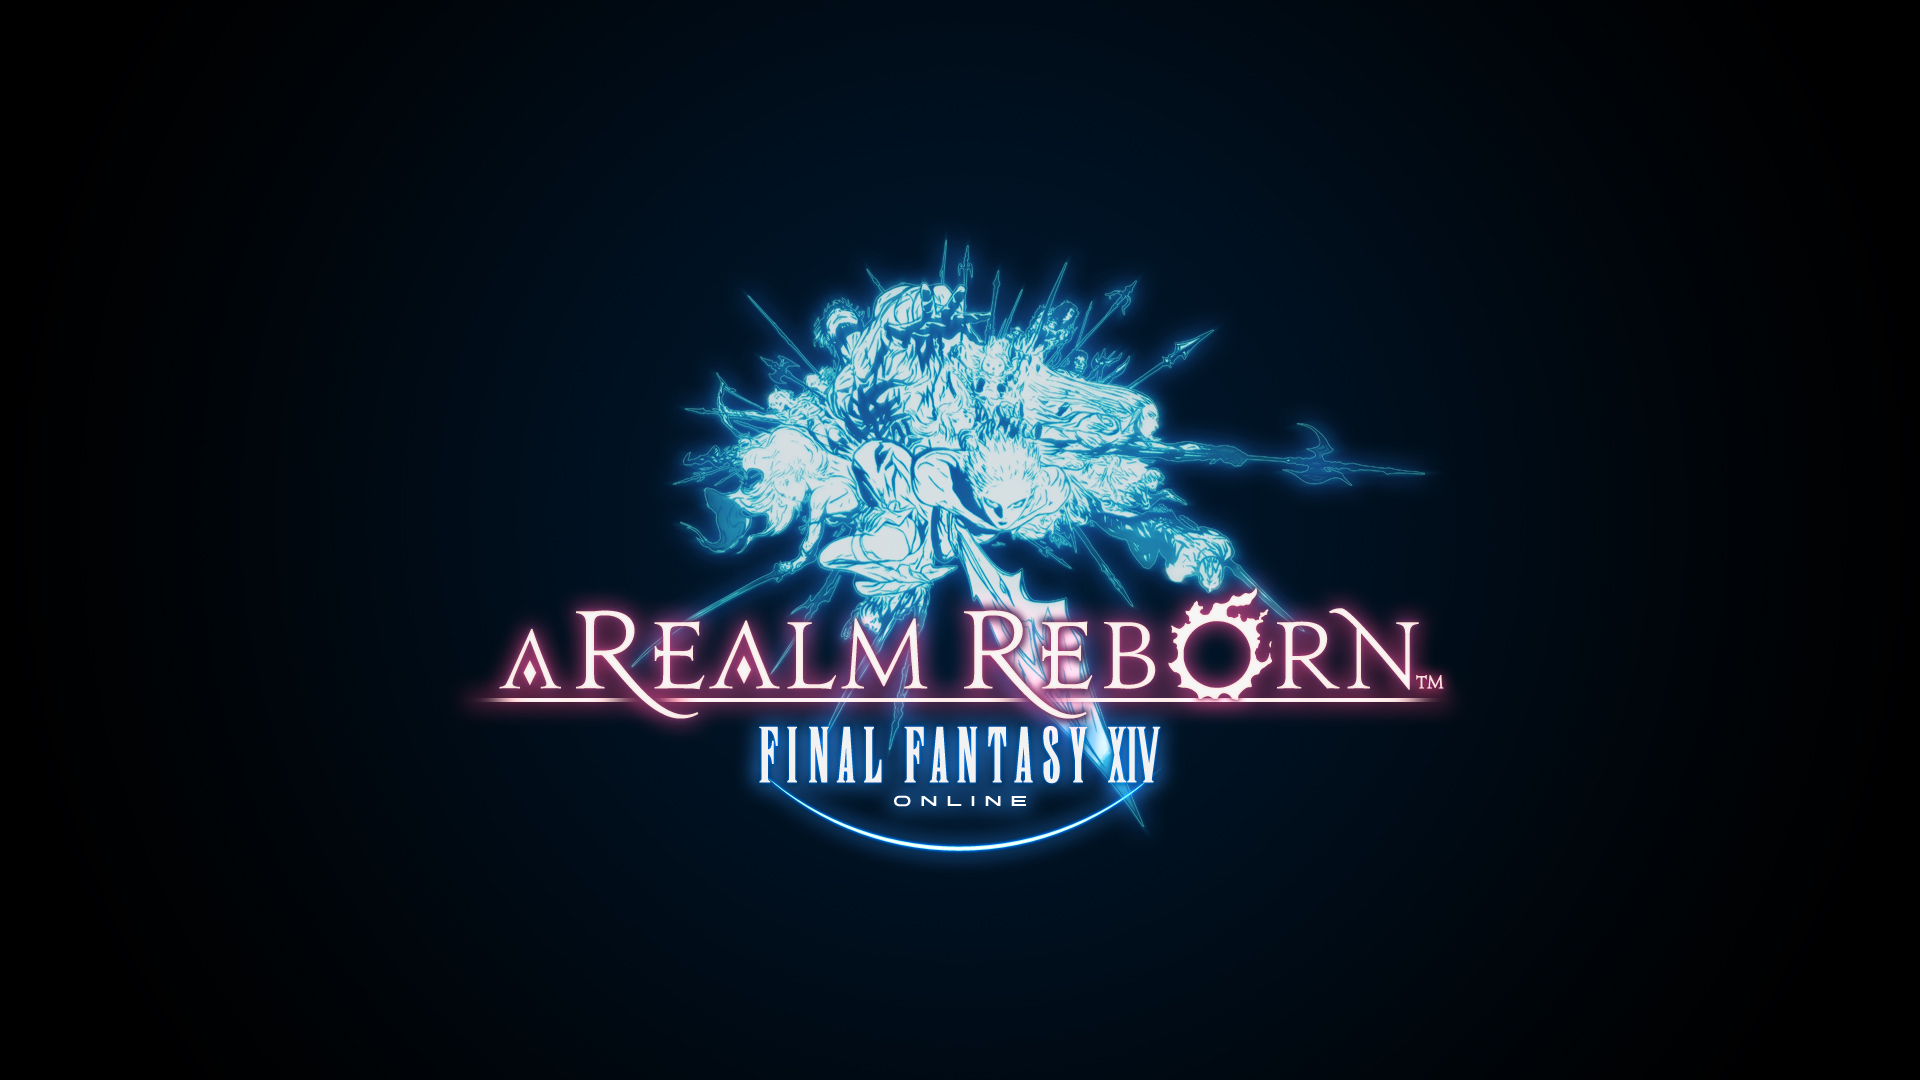 'Final Fantasy XIV: A Realm Reborn' Beta Downloadable Now